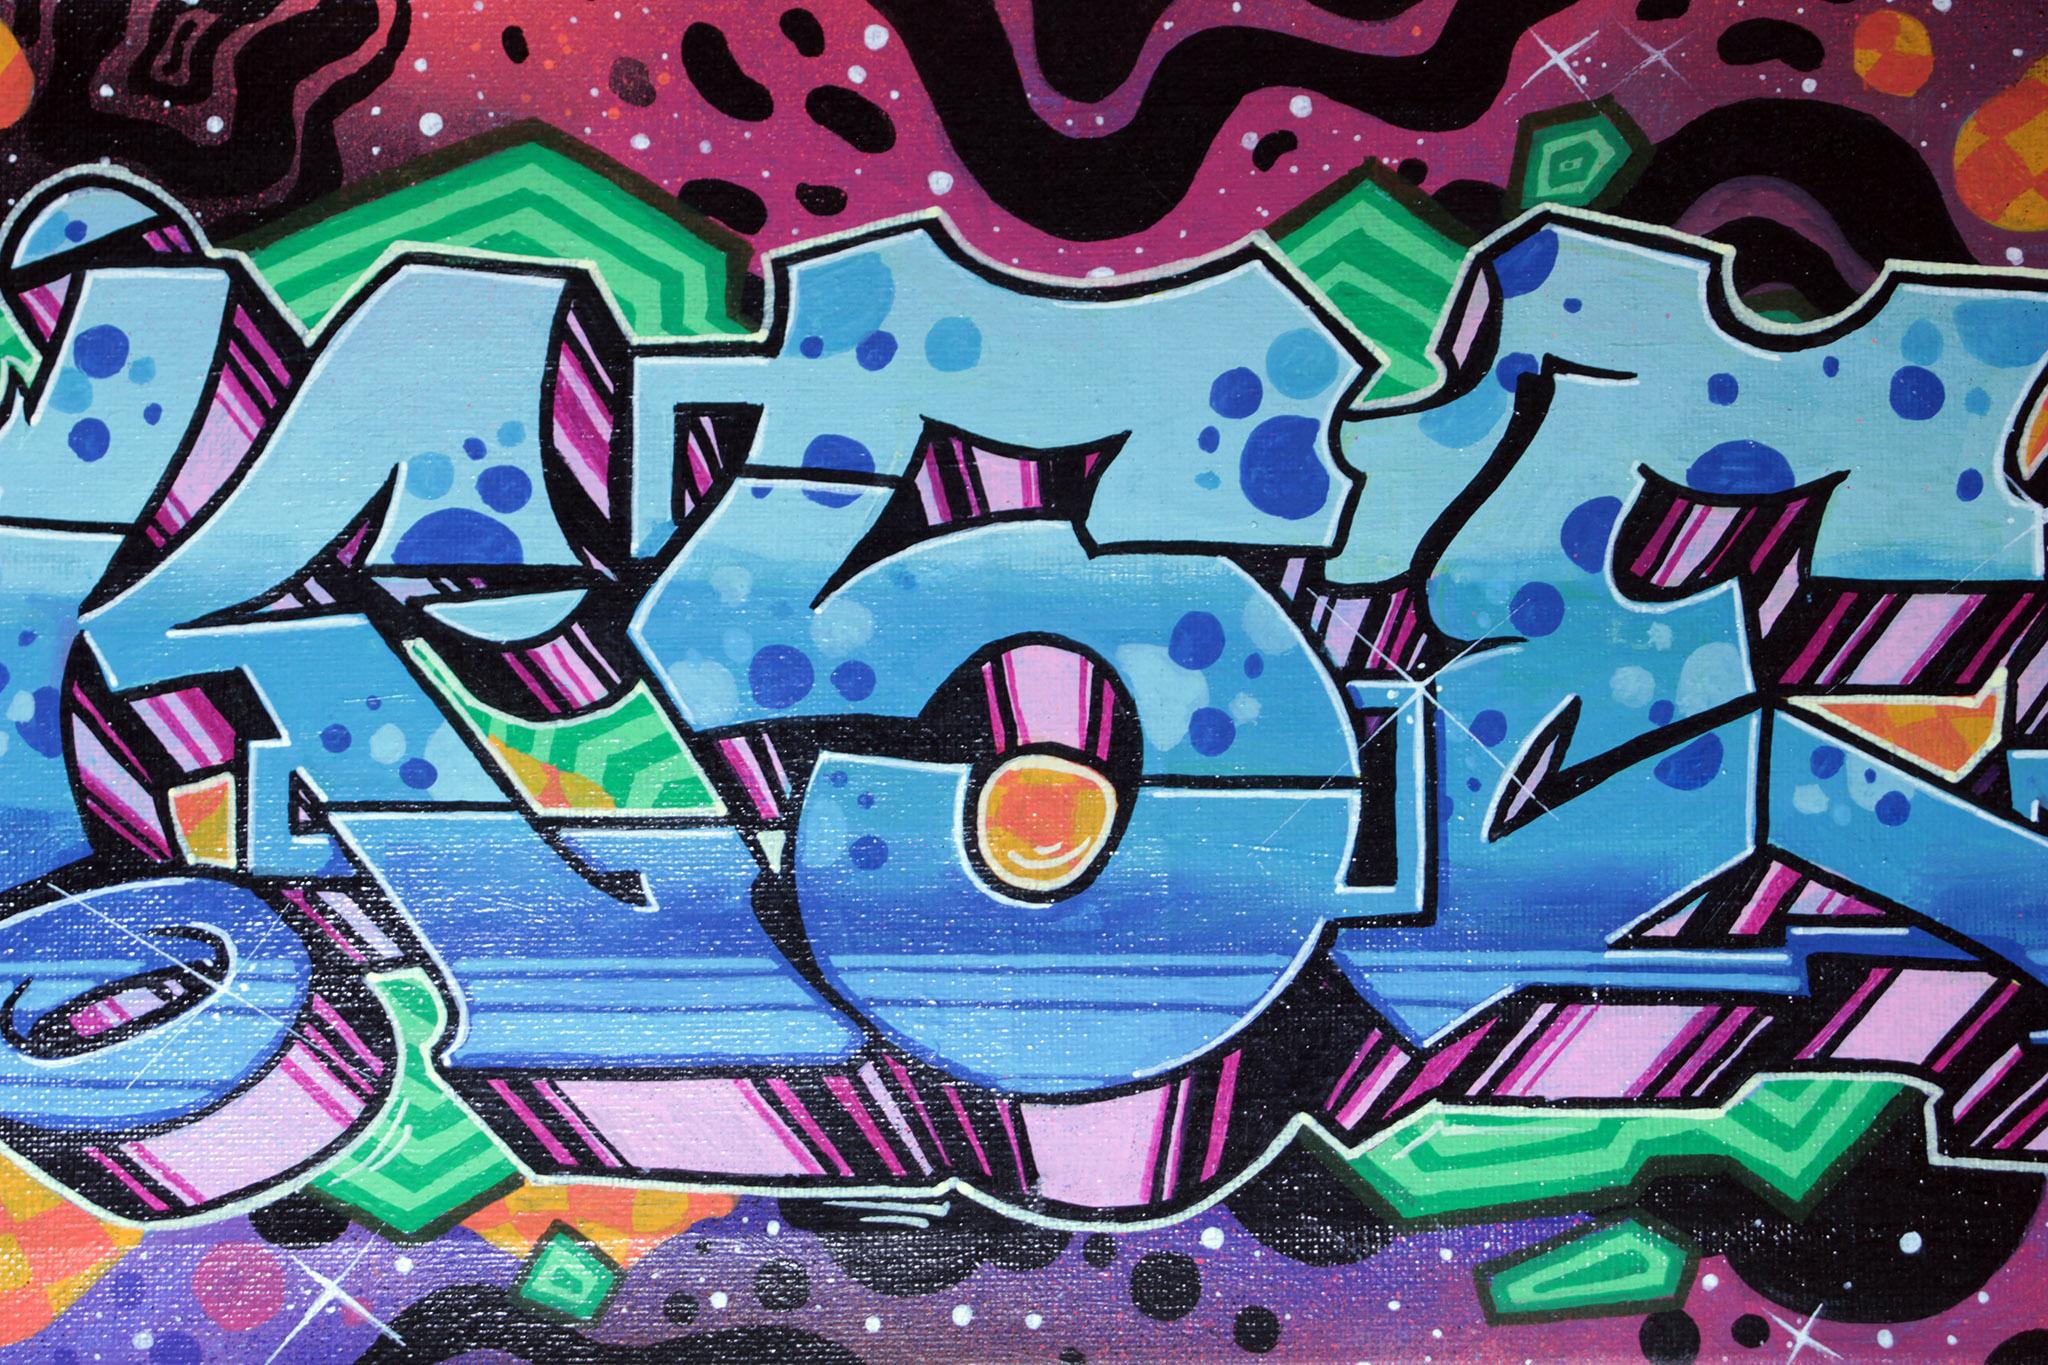 Oksen aka NESK graffiti rsh crew 2020 painting